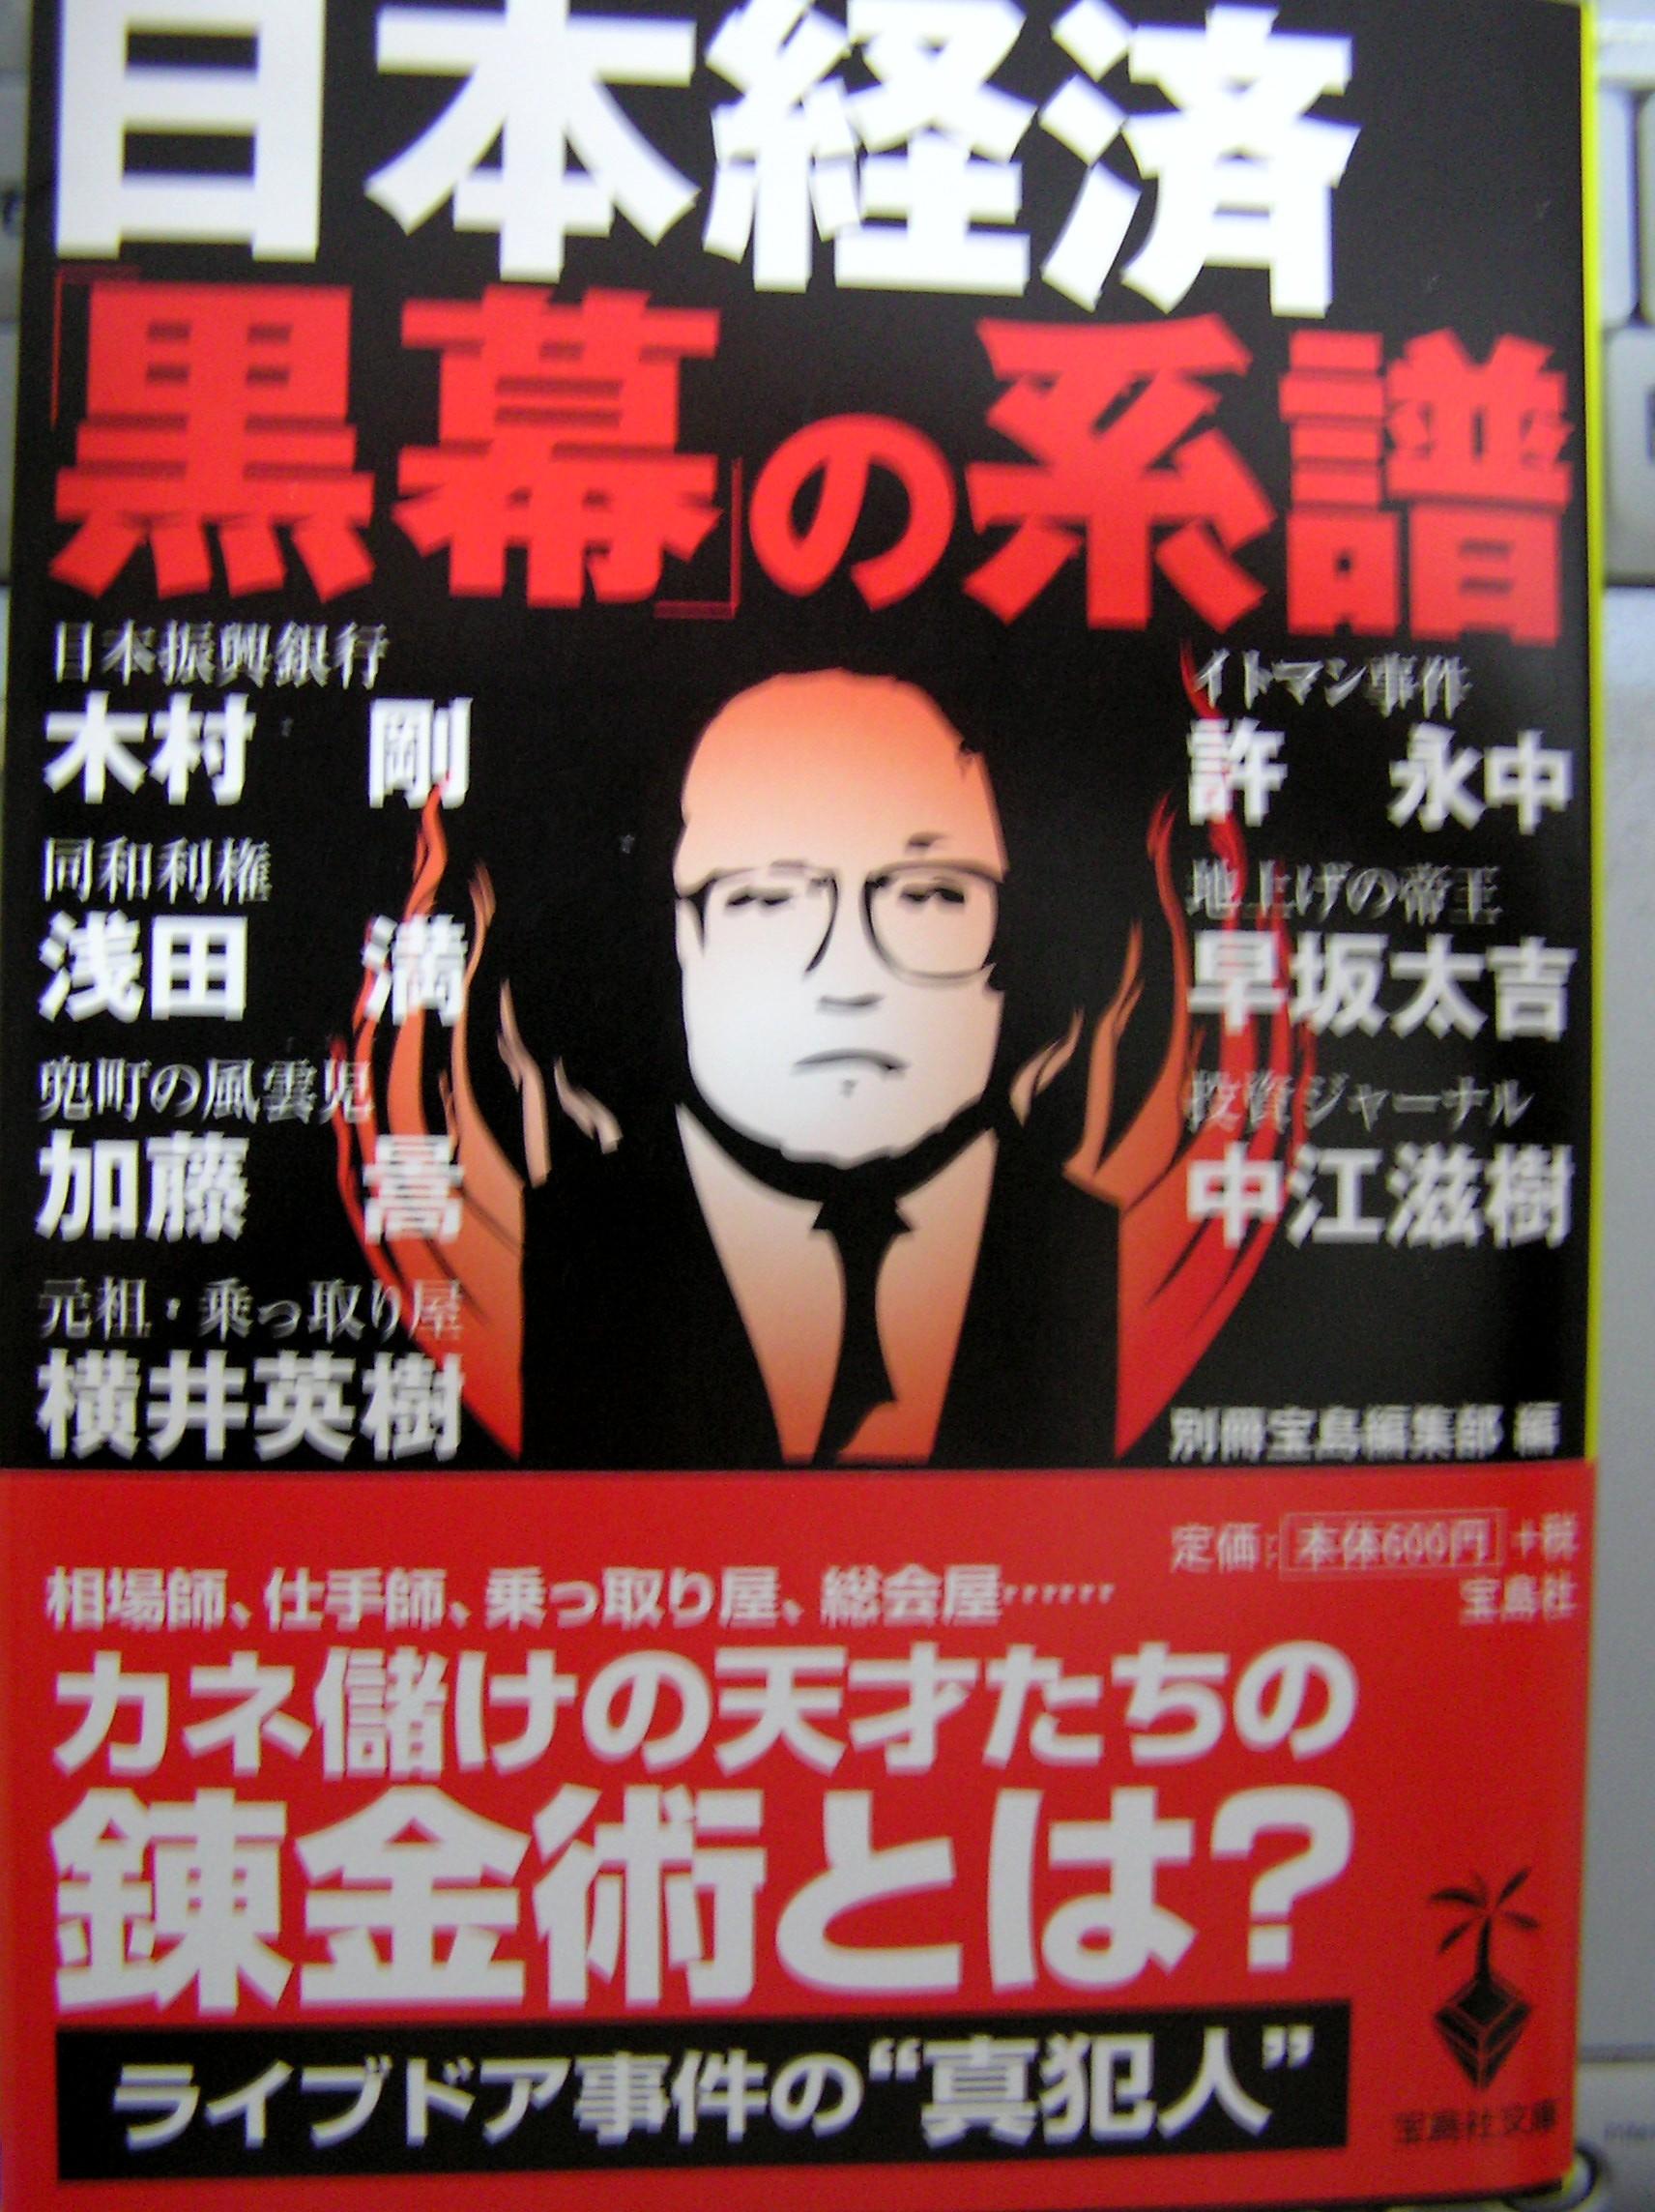 大武生_お堅い本を柔らかくするブログ:株(ストーリー系) - livedoor Blog ...